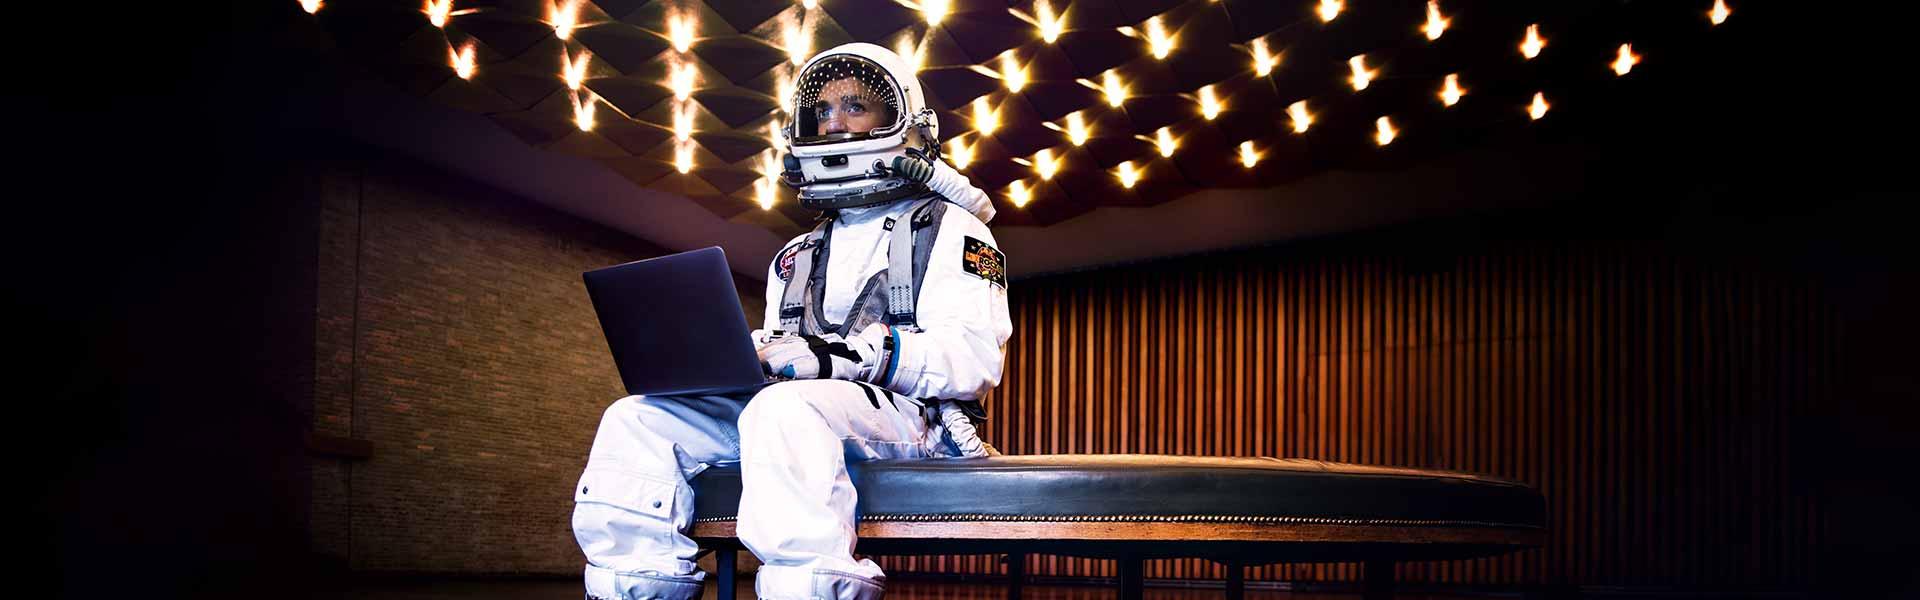 Sitzender Astronaut mit Laptop auf dem Schoß